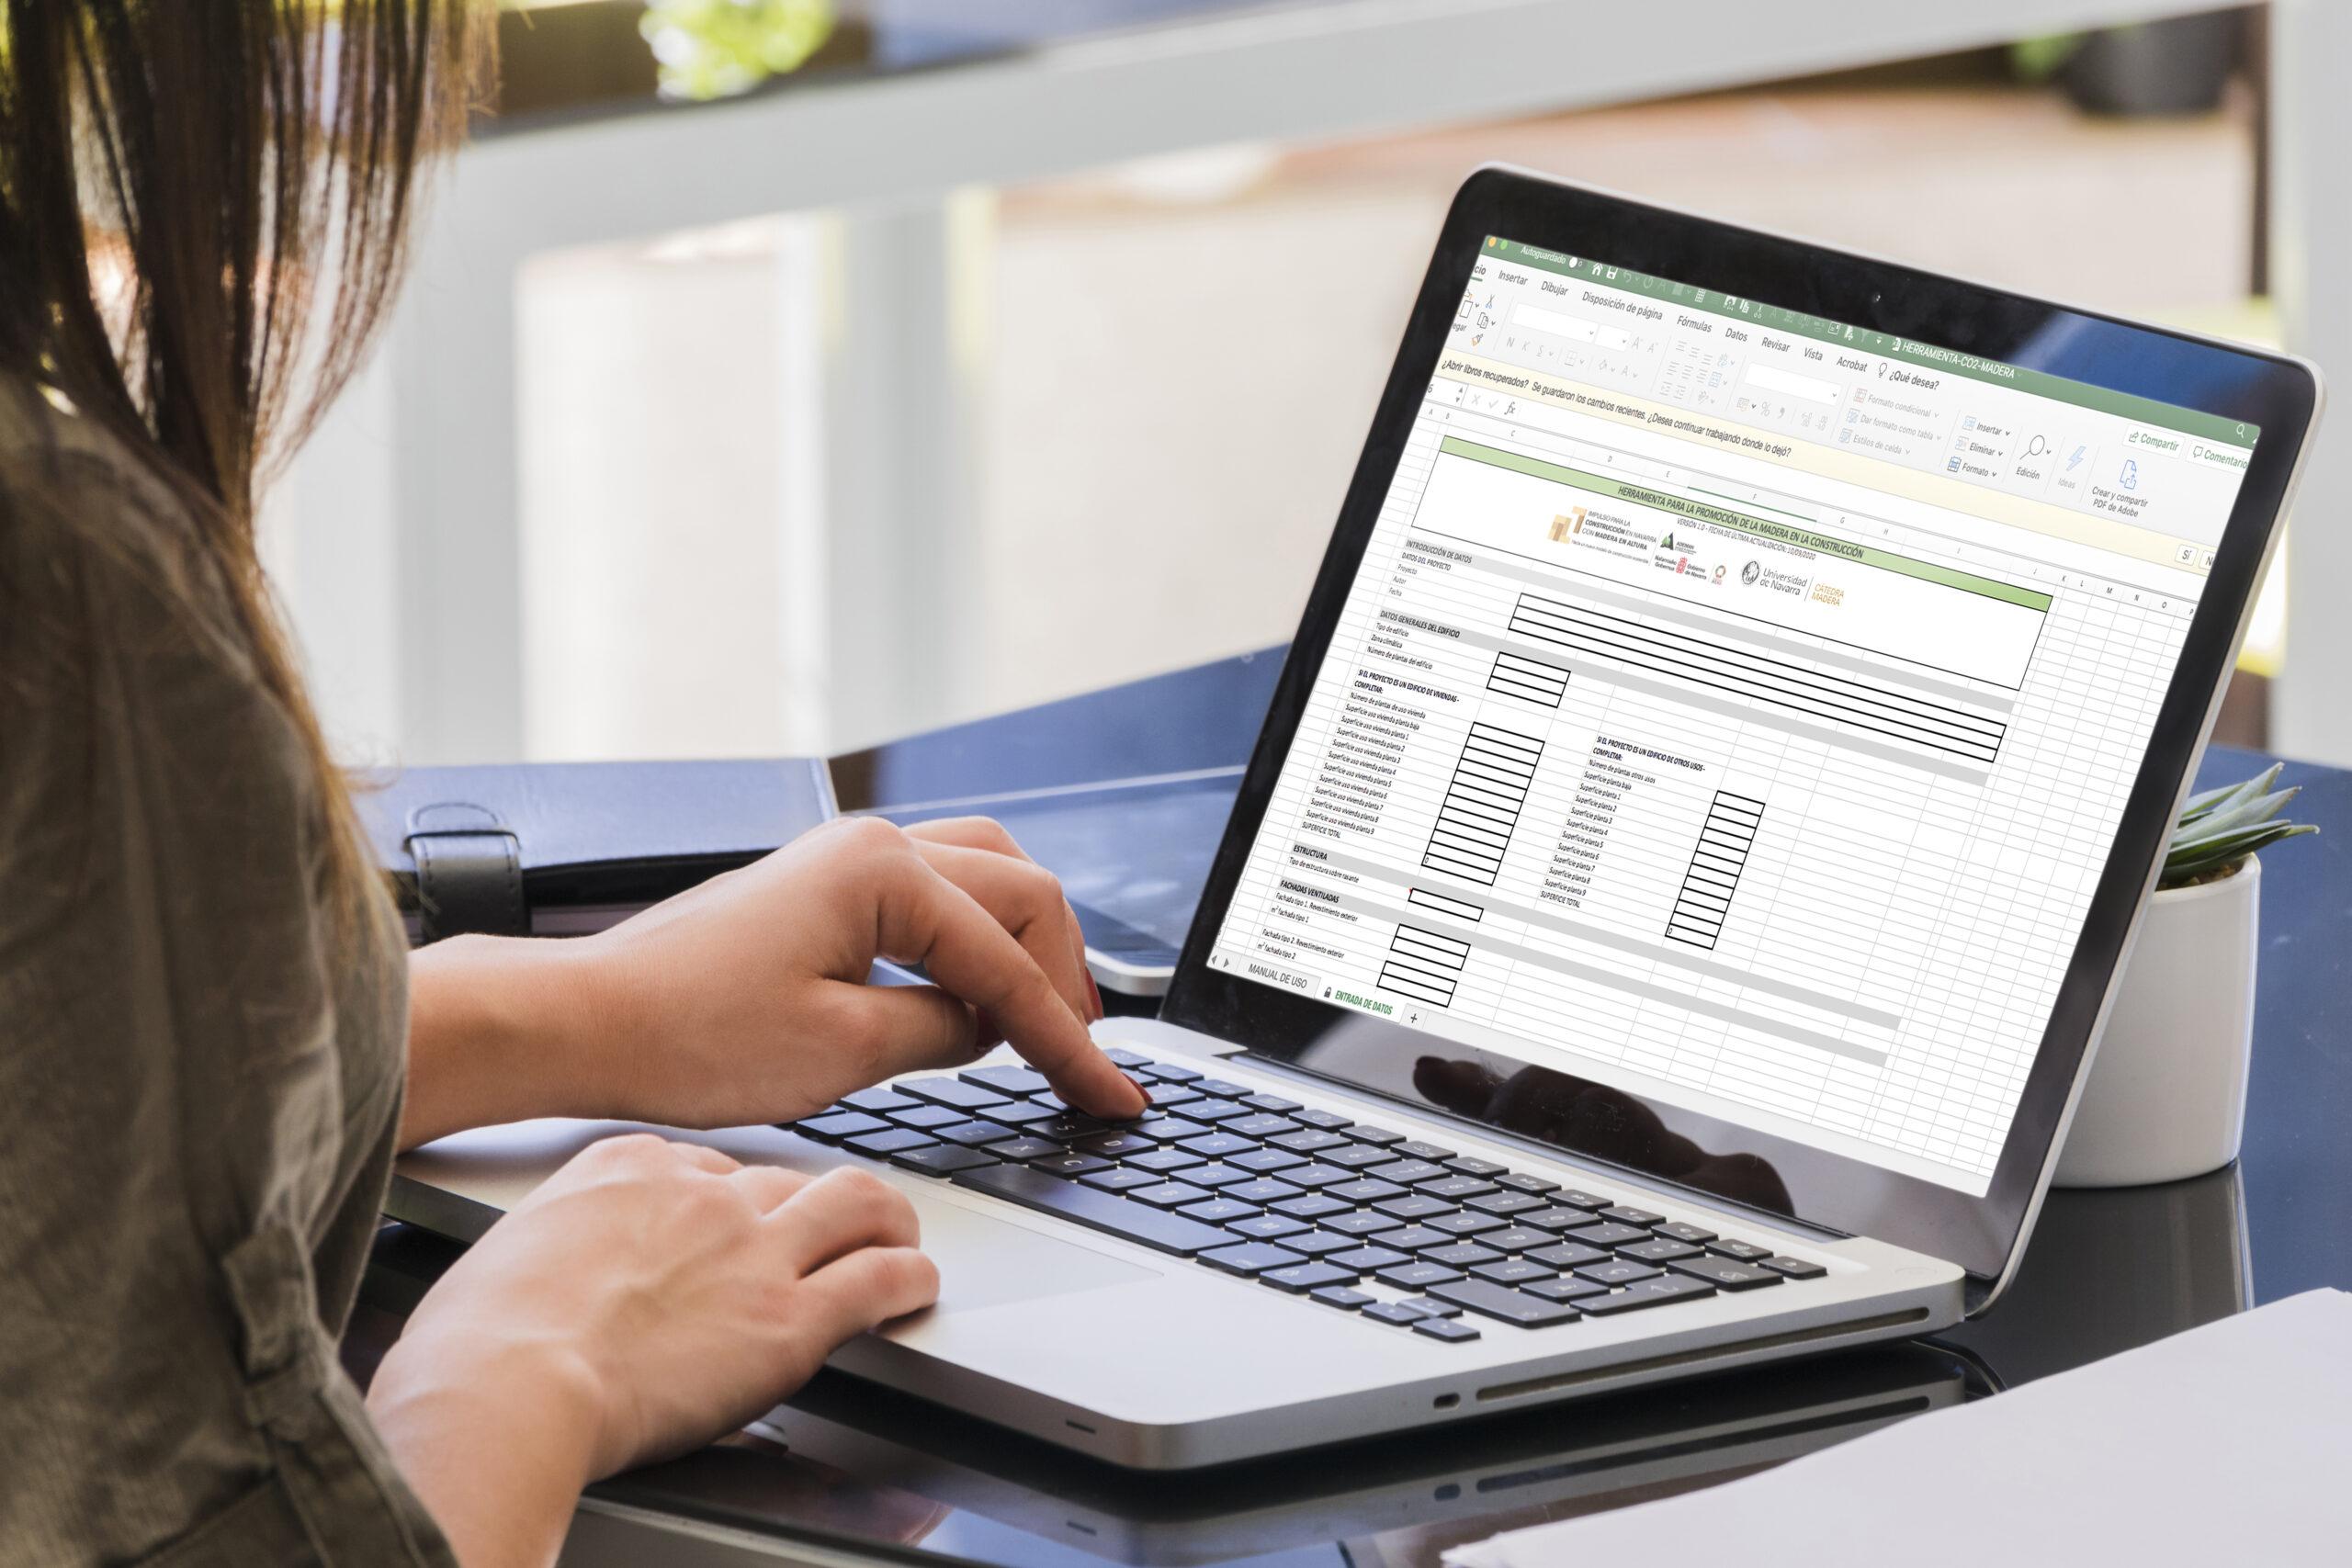 Herramienta de promoción de la madera en Navarra. Pulse sobre la imagen para descargar la herramienta (Excel)